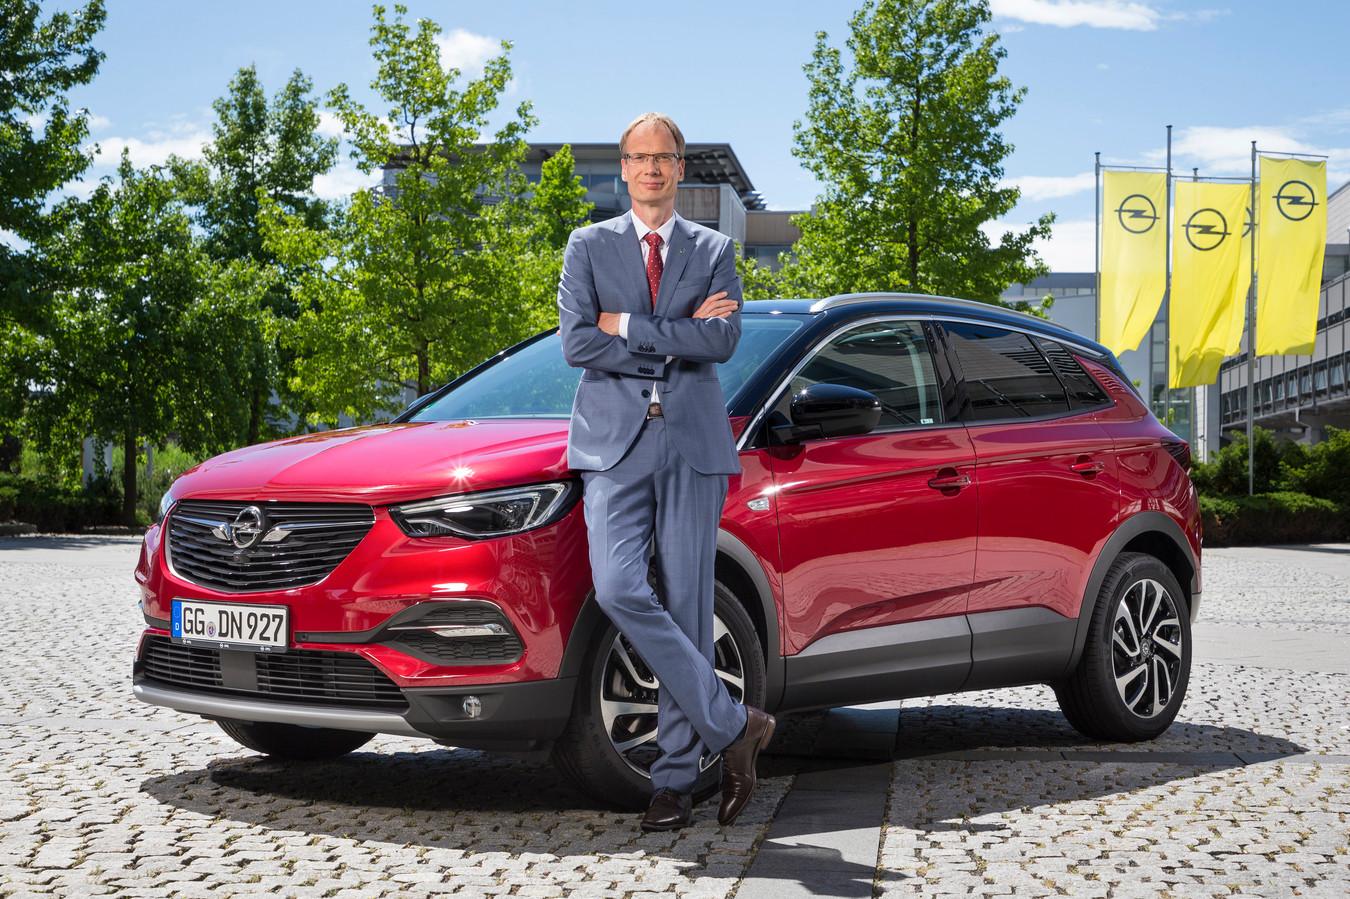 Opel-baas Michael Lohscheller: ,,Juist in Nederland rekenen we op veel succes met onze elektro- strategie.''